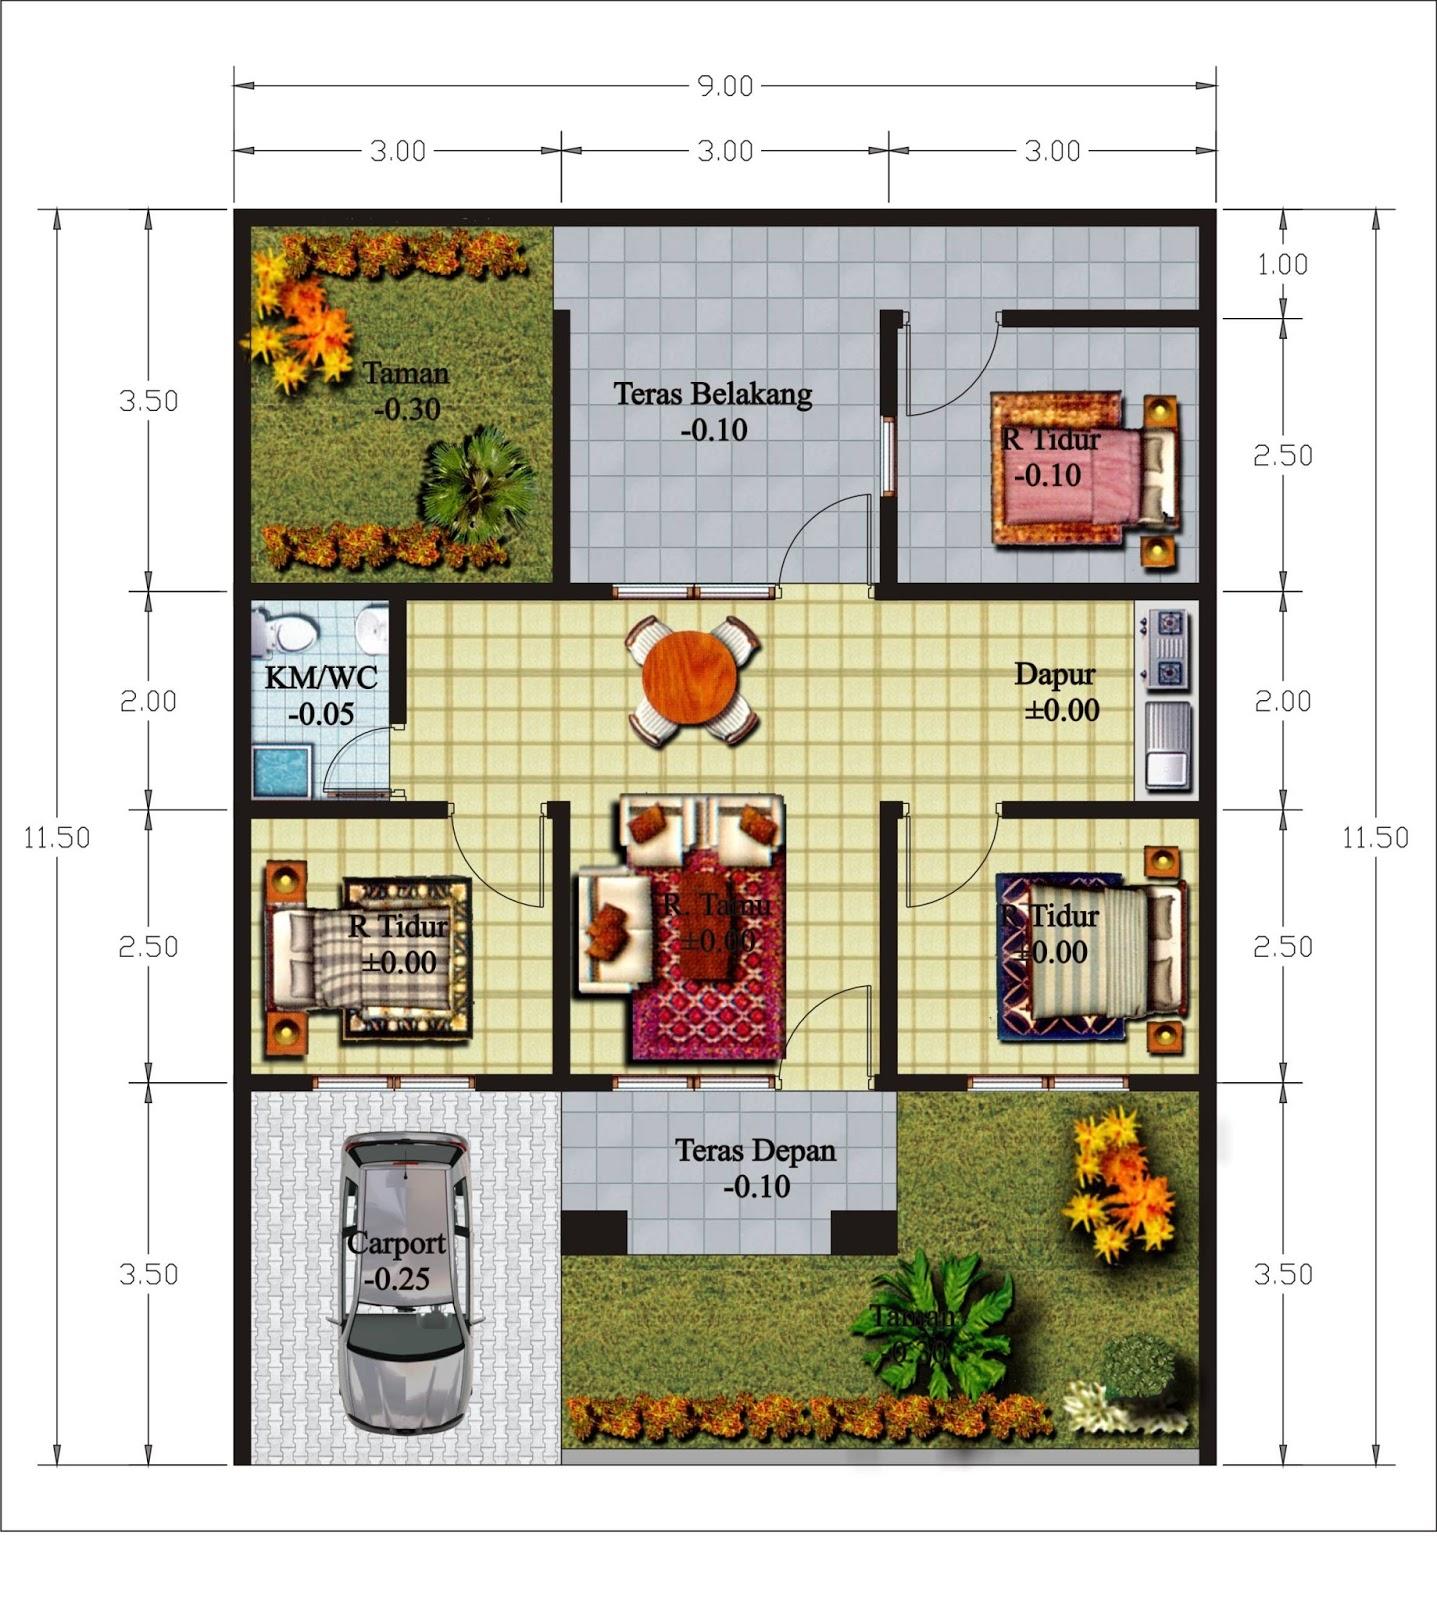 gambar denah rumah sederhana lengkap 4